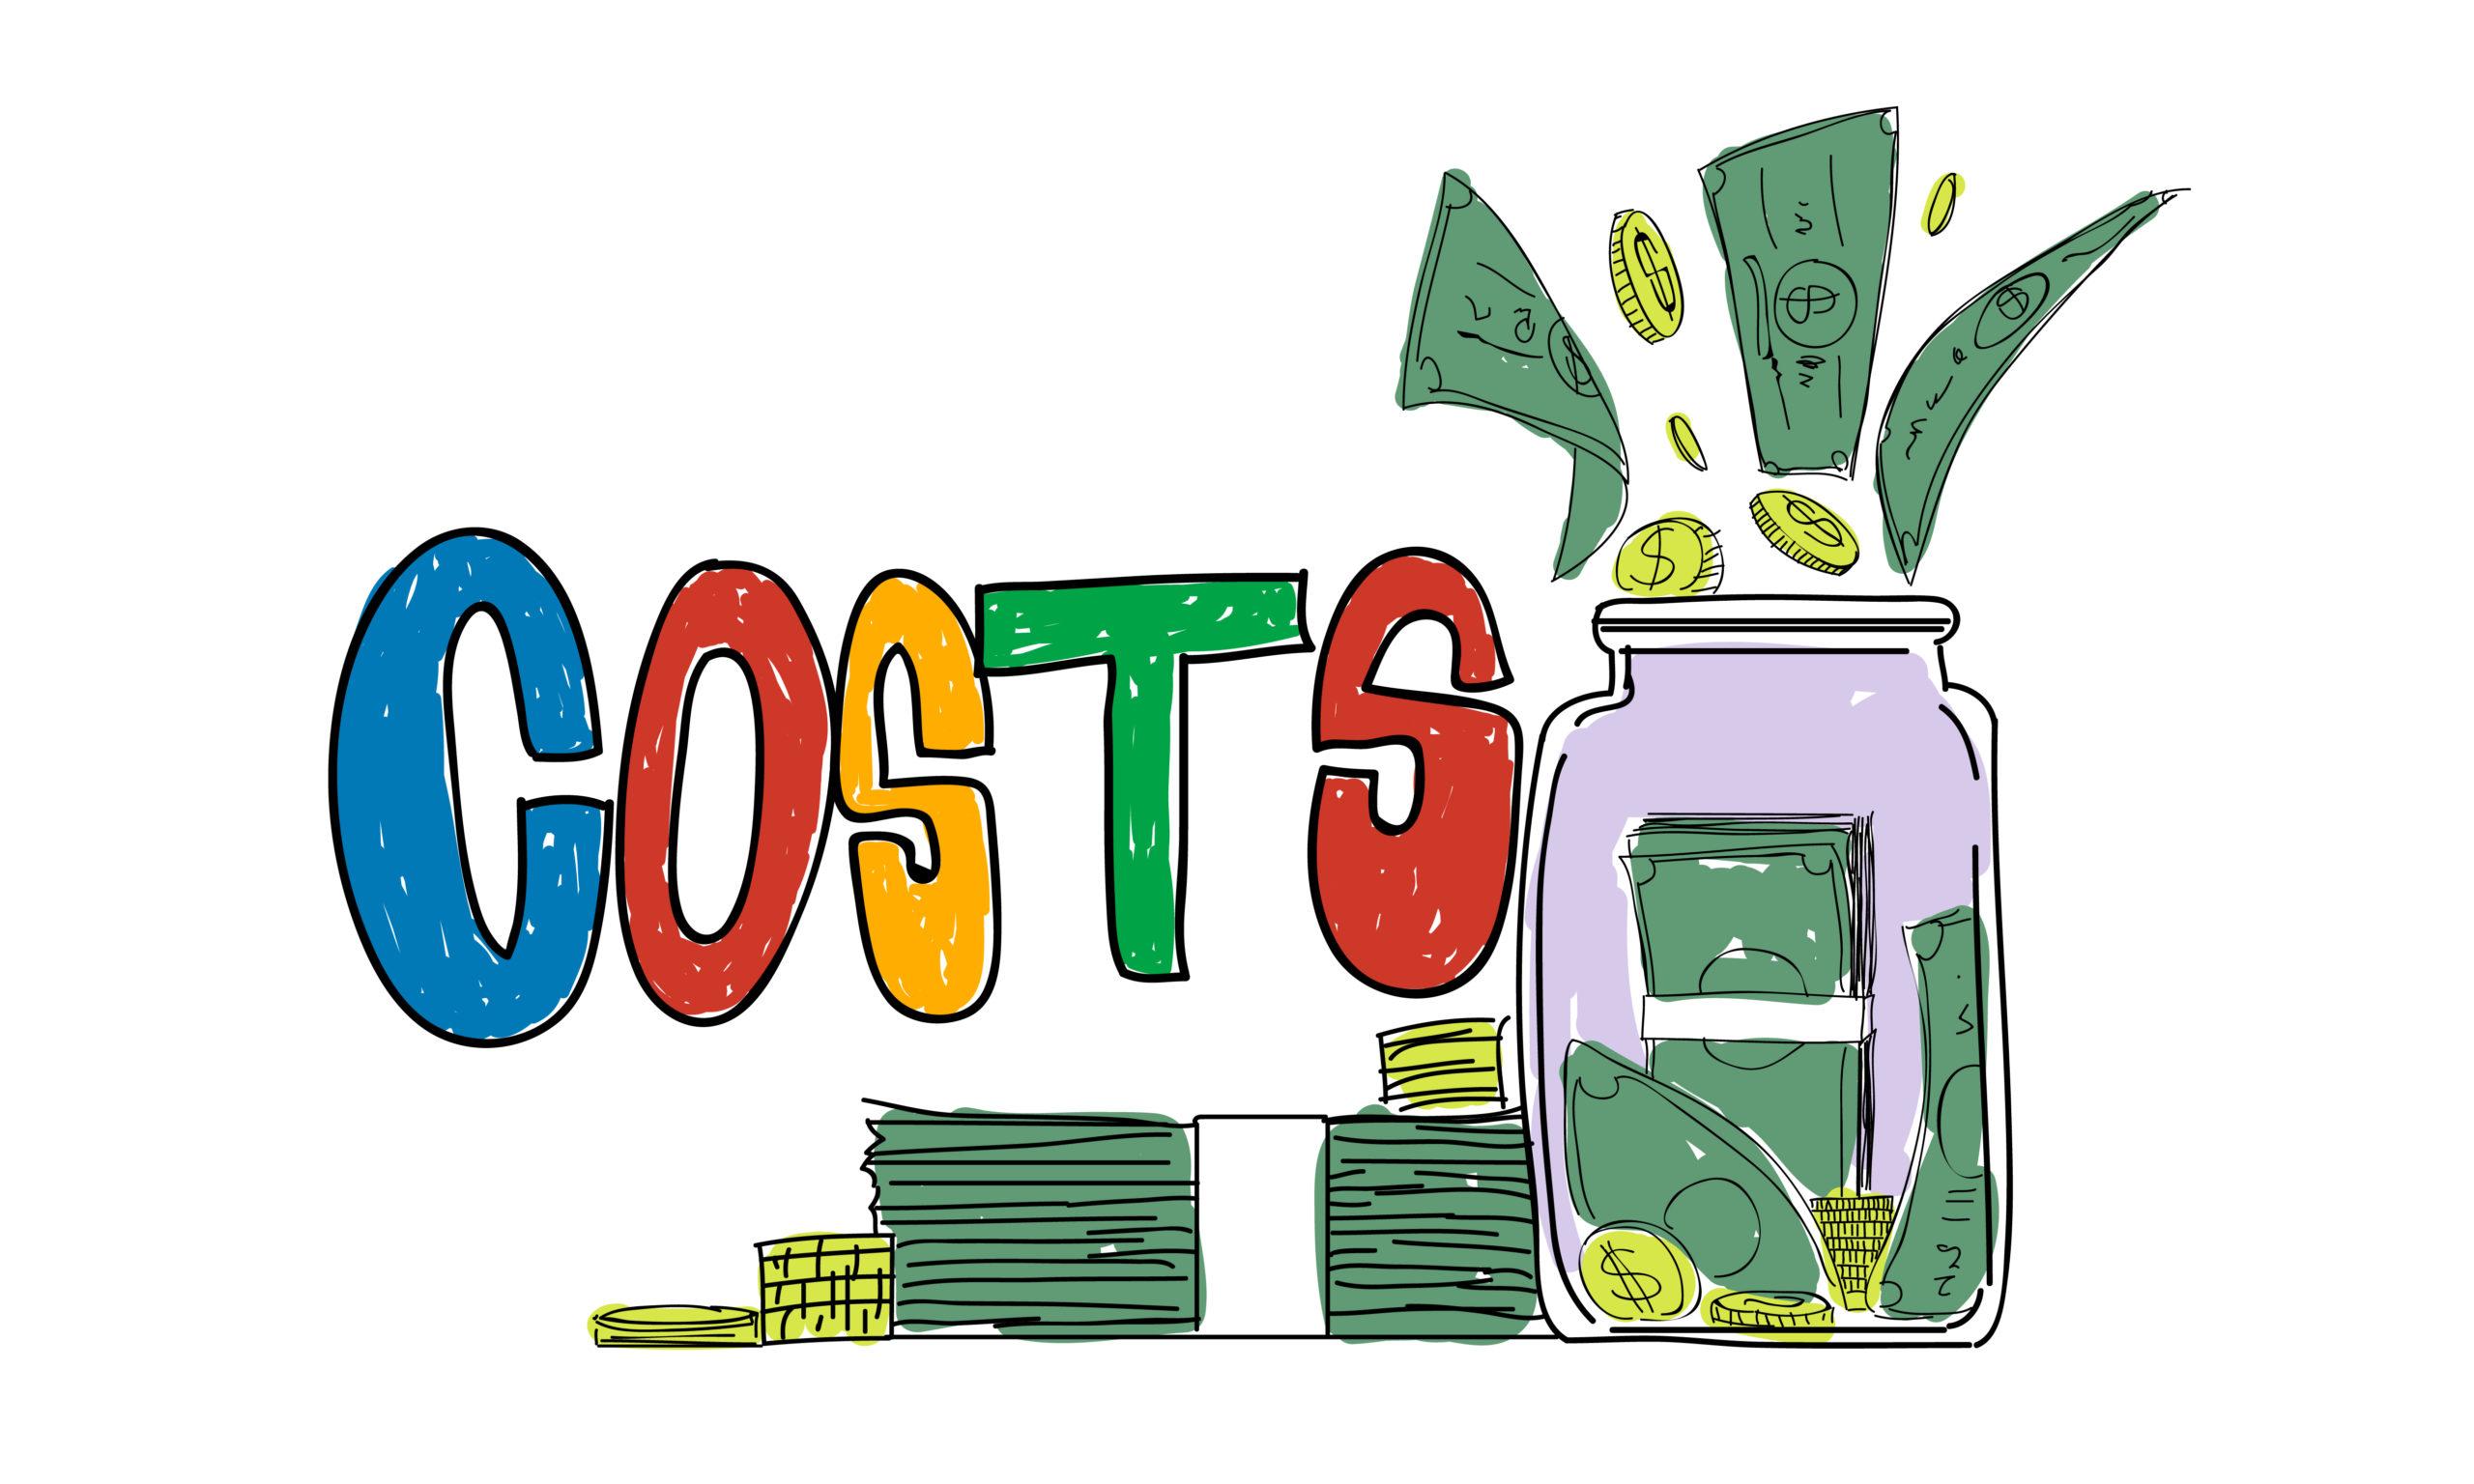 Chi phí ẩn Các loại chi phí ẩn cần loại bỏ